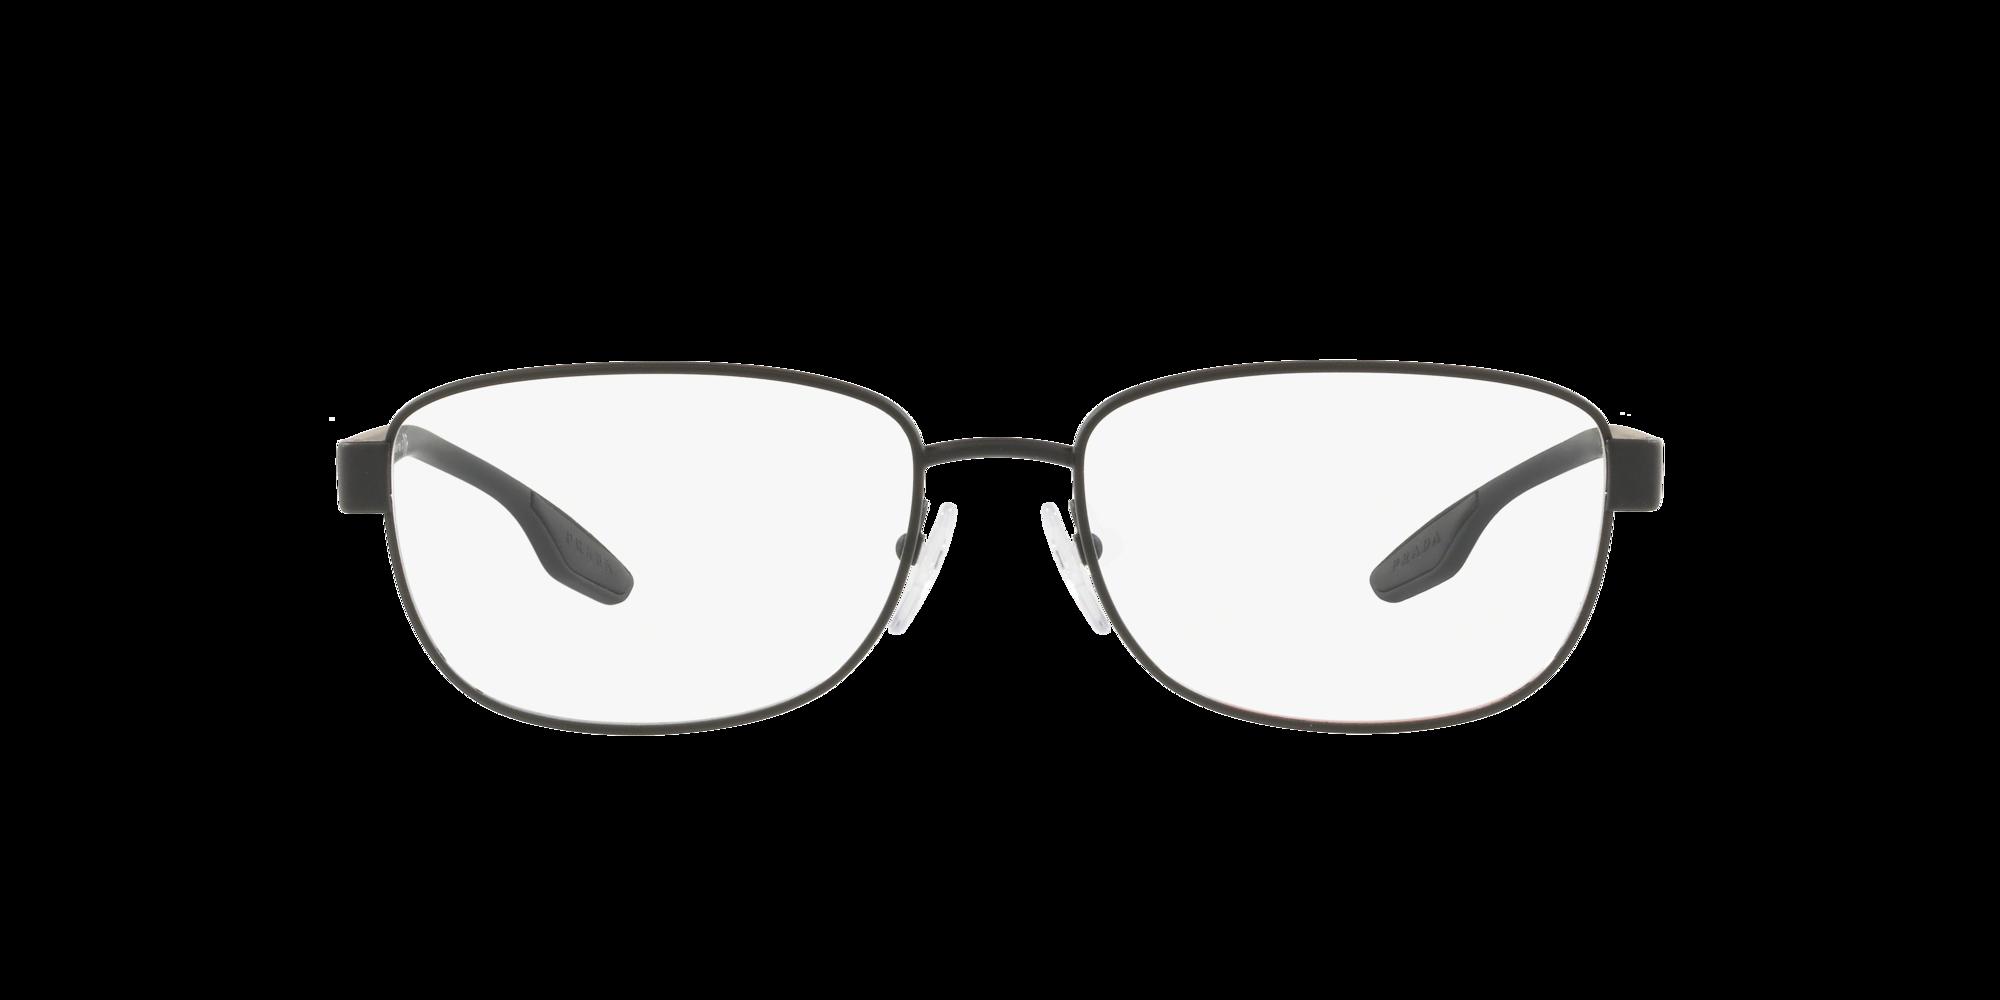 Imagen para PS 52LV LIFESTYLE de LensCrafters |  Espejuelos, espejuelos graduados en línea, gafas